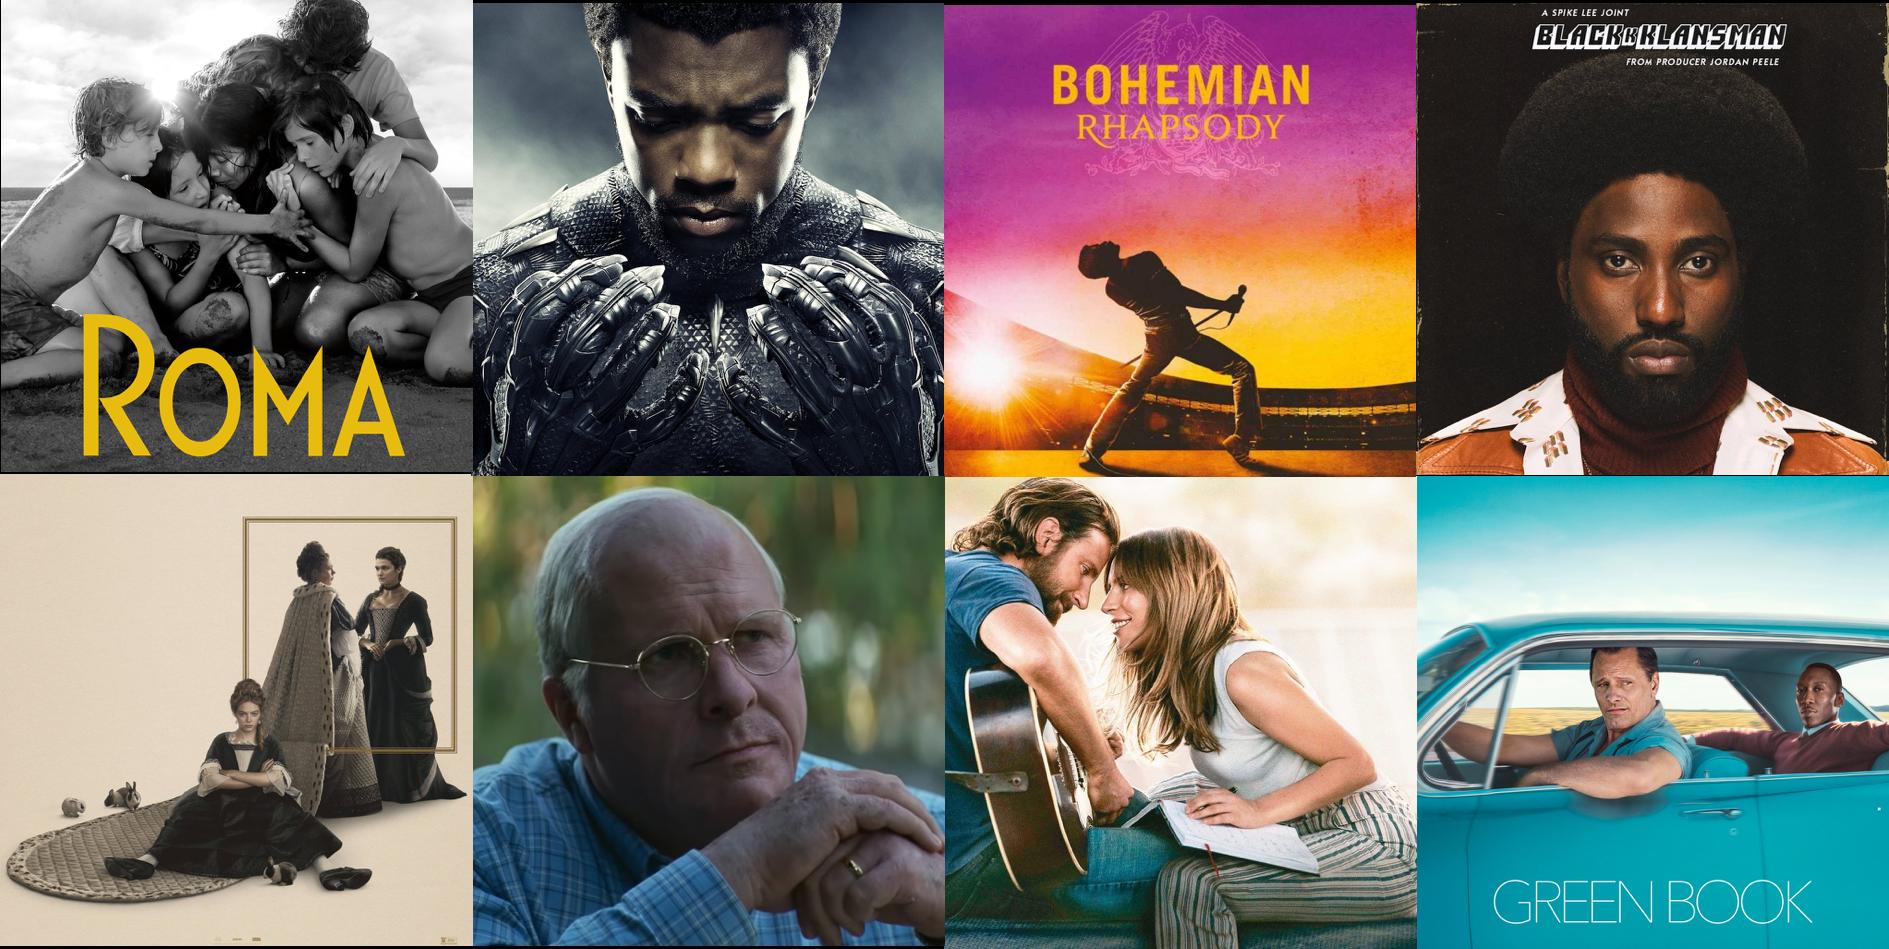 【2019奧斯卡】第 91 屆奧斯卡得獎名單揭曉  《幸福綠皮書》拿下最佳影片、《波希米亞狂想曲》奪最佳男主角等四項獎數最多首圖